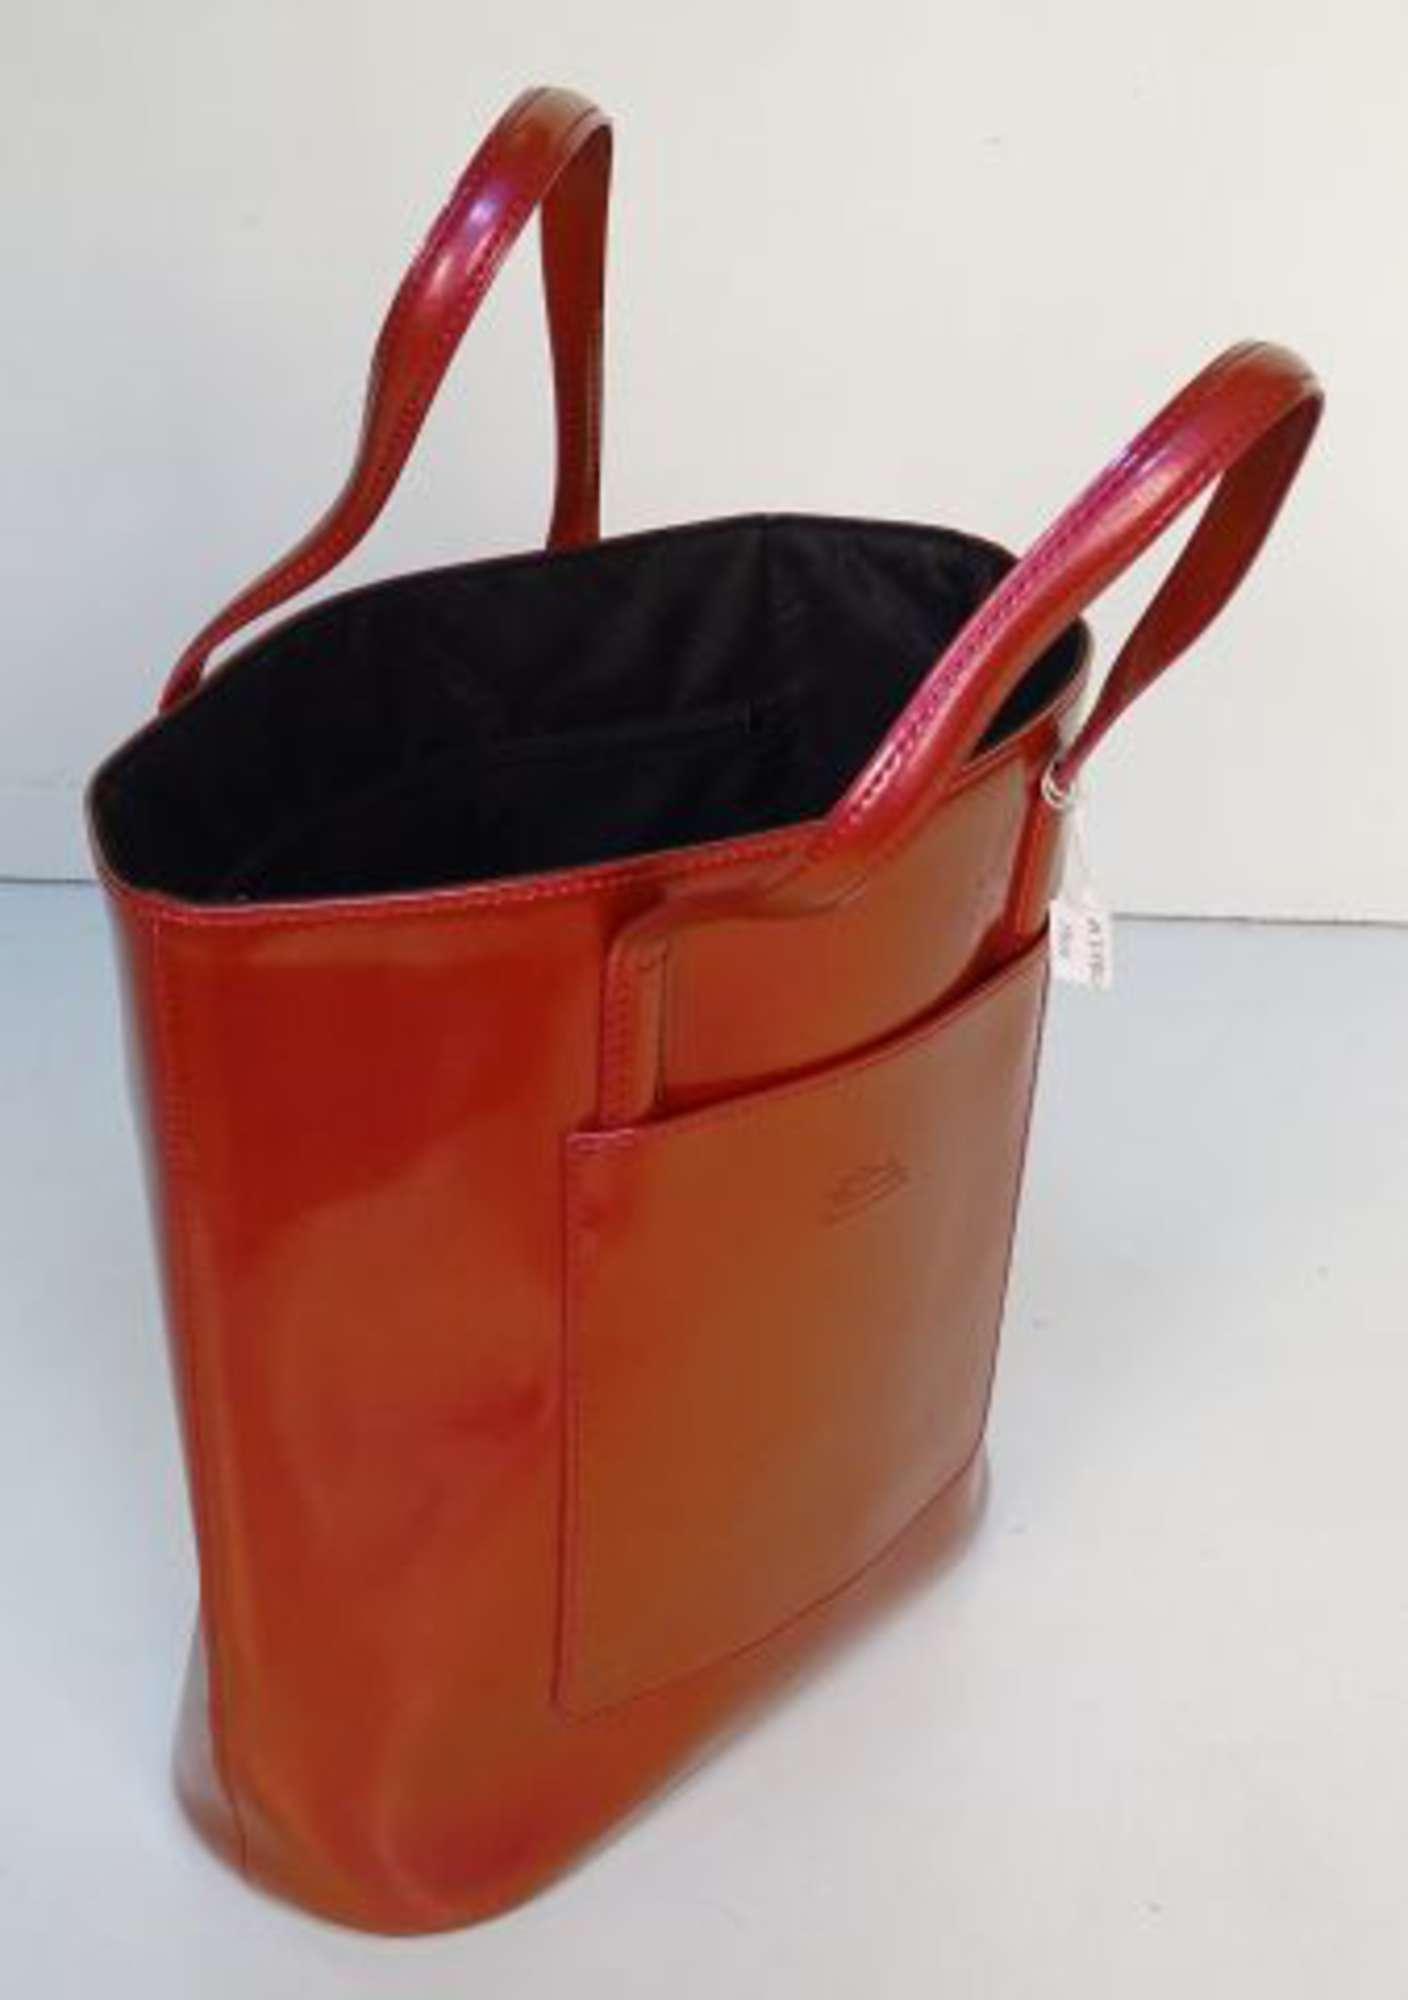 lampone T6tuw6 vernice effetto effetto Longchamp Cabas con fatto pelle mano in Borsa in a wg0qZOZ